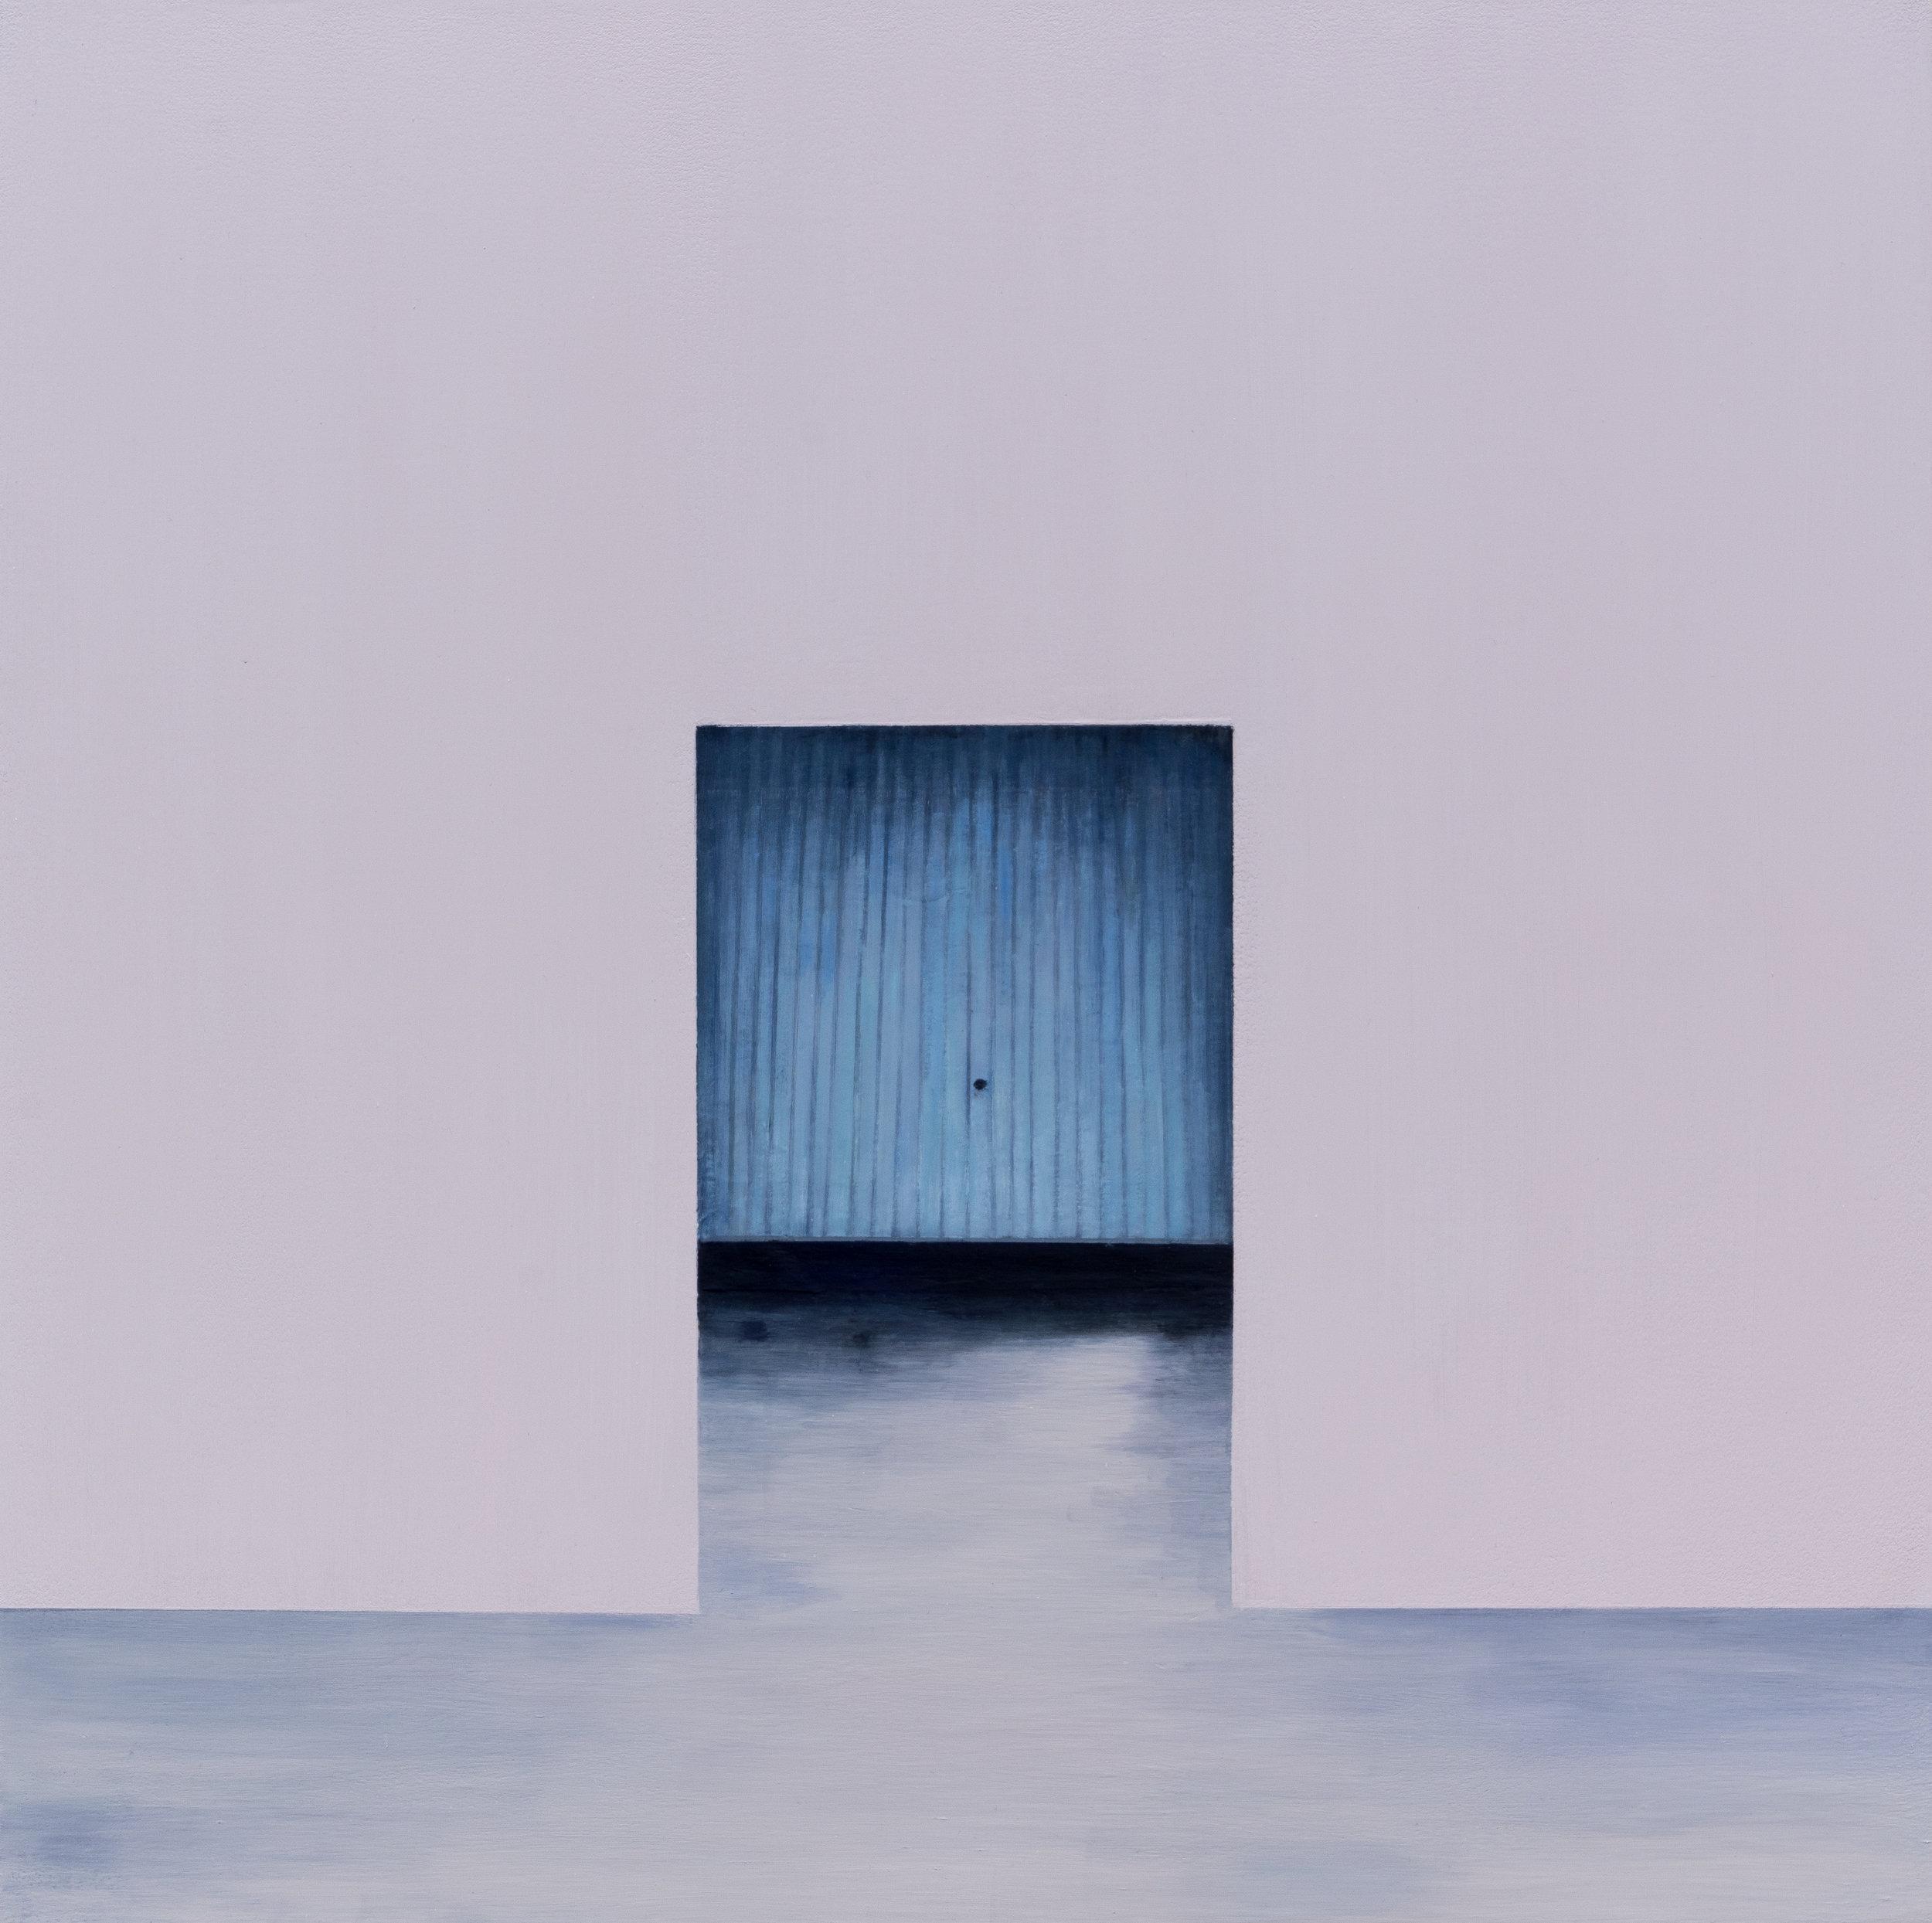 """Joe Lima, Blue Entrance, 2019, peinture à l'huile et cire sur toile, 71 x 71 cm (28"""" x 28"""")"""